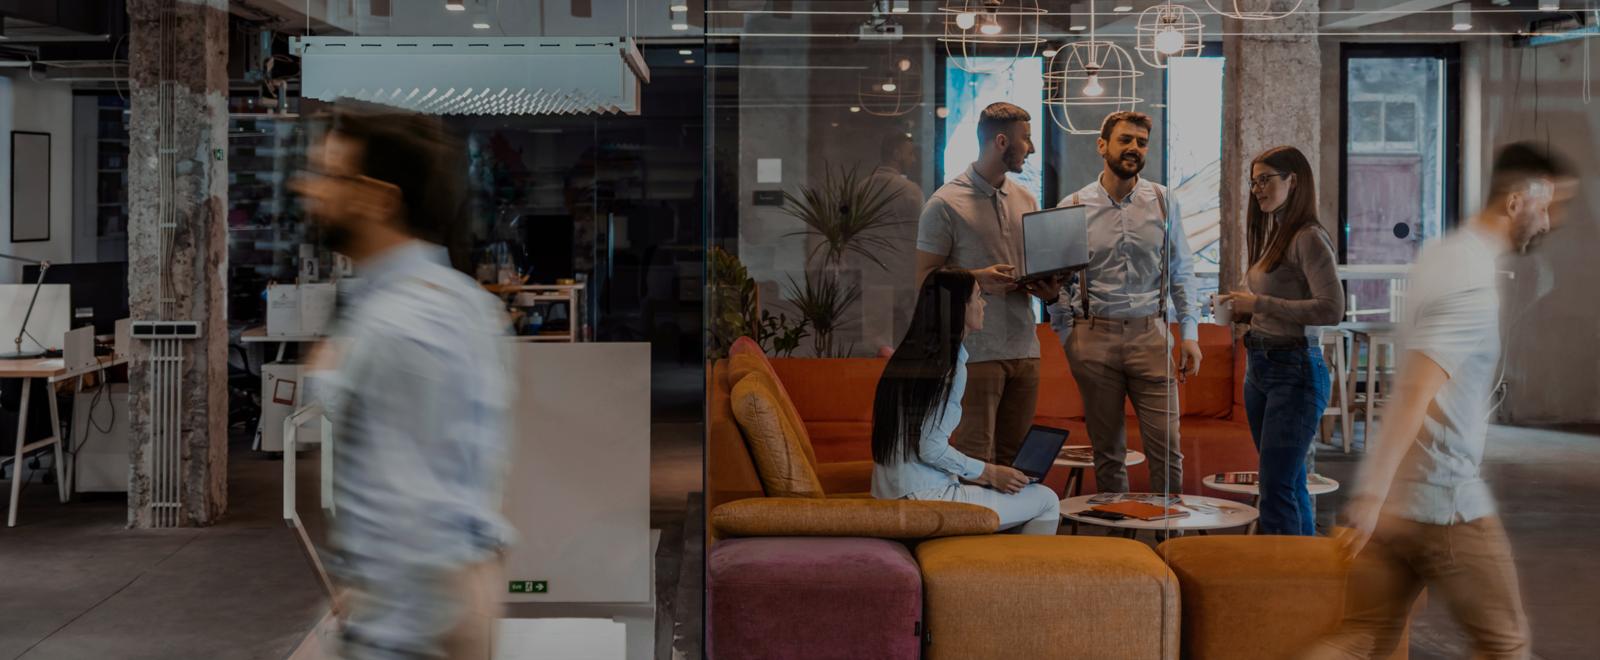 Il venture capital e il sostegno all'innovazione